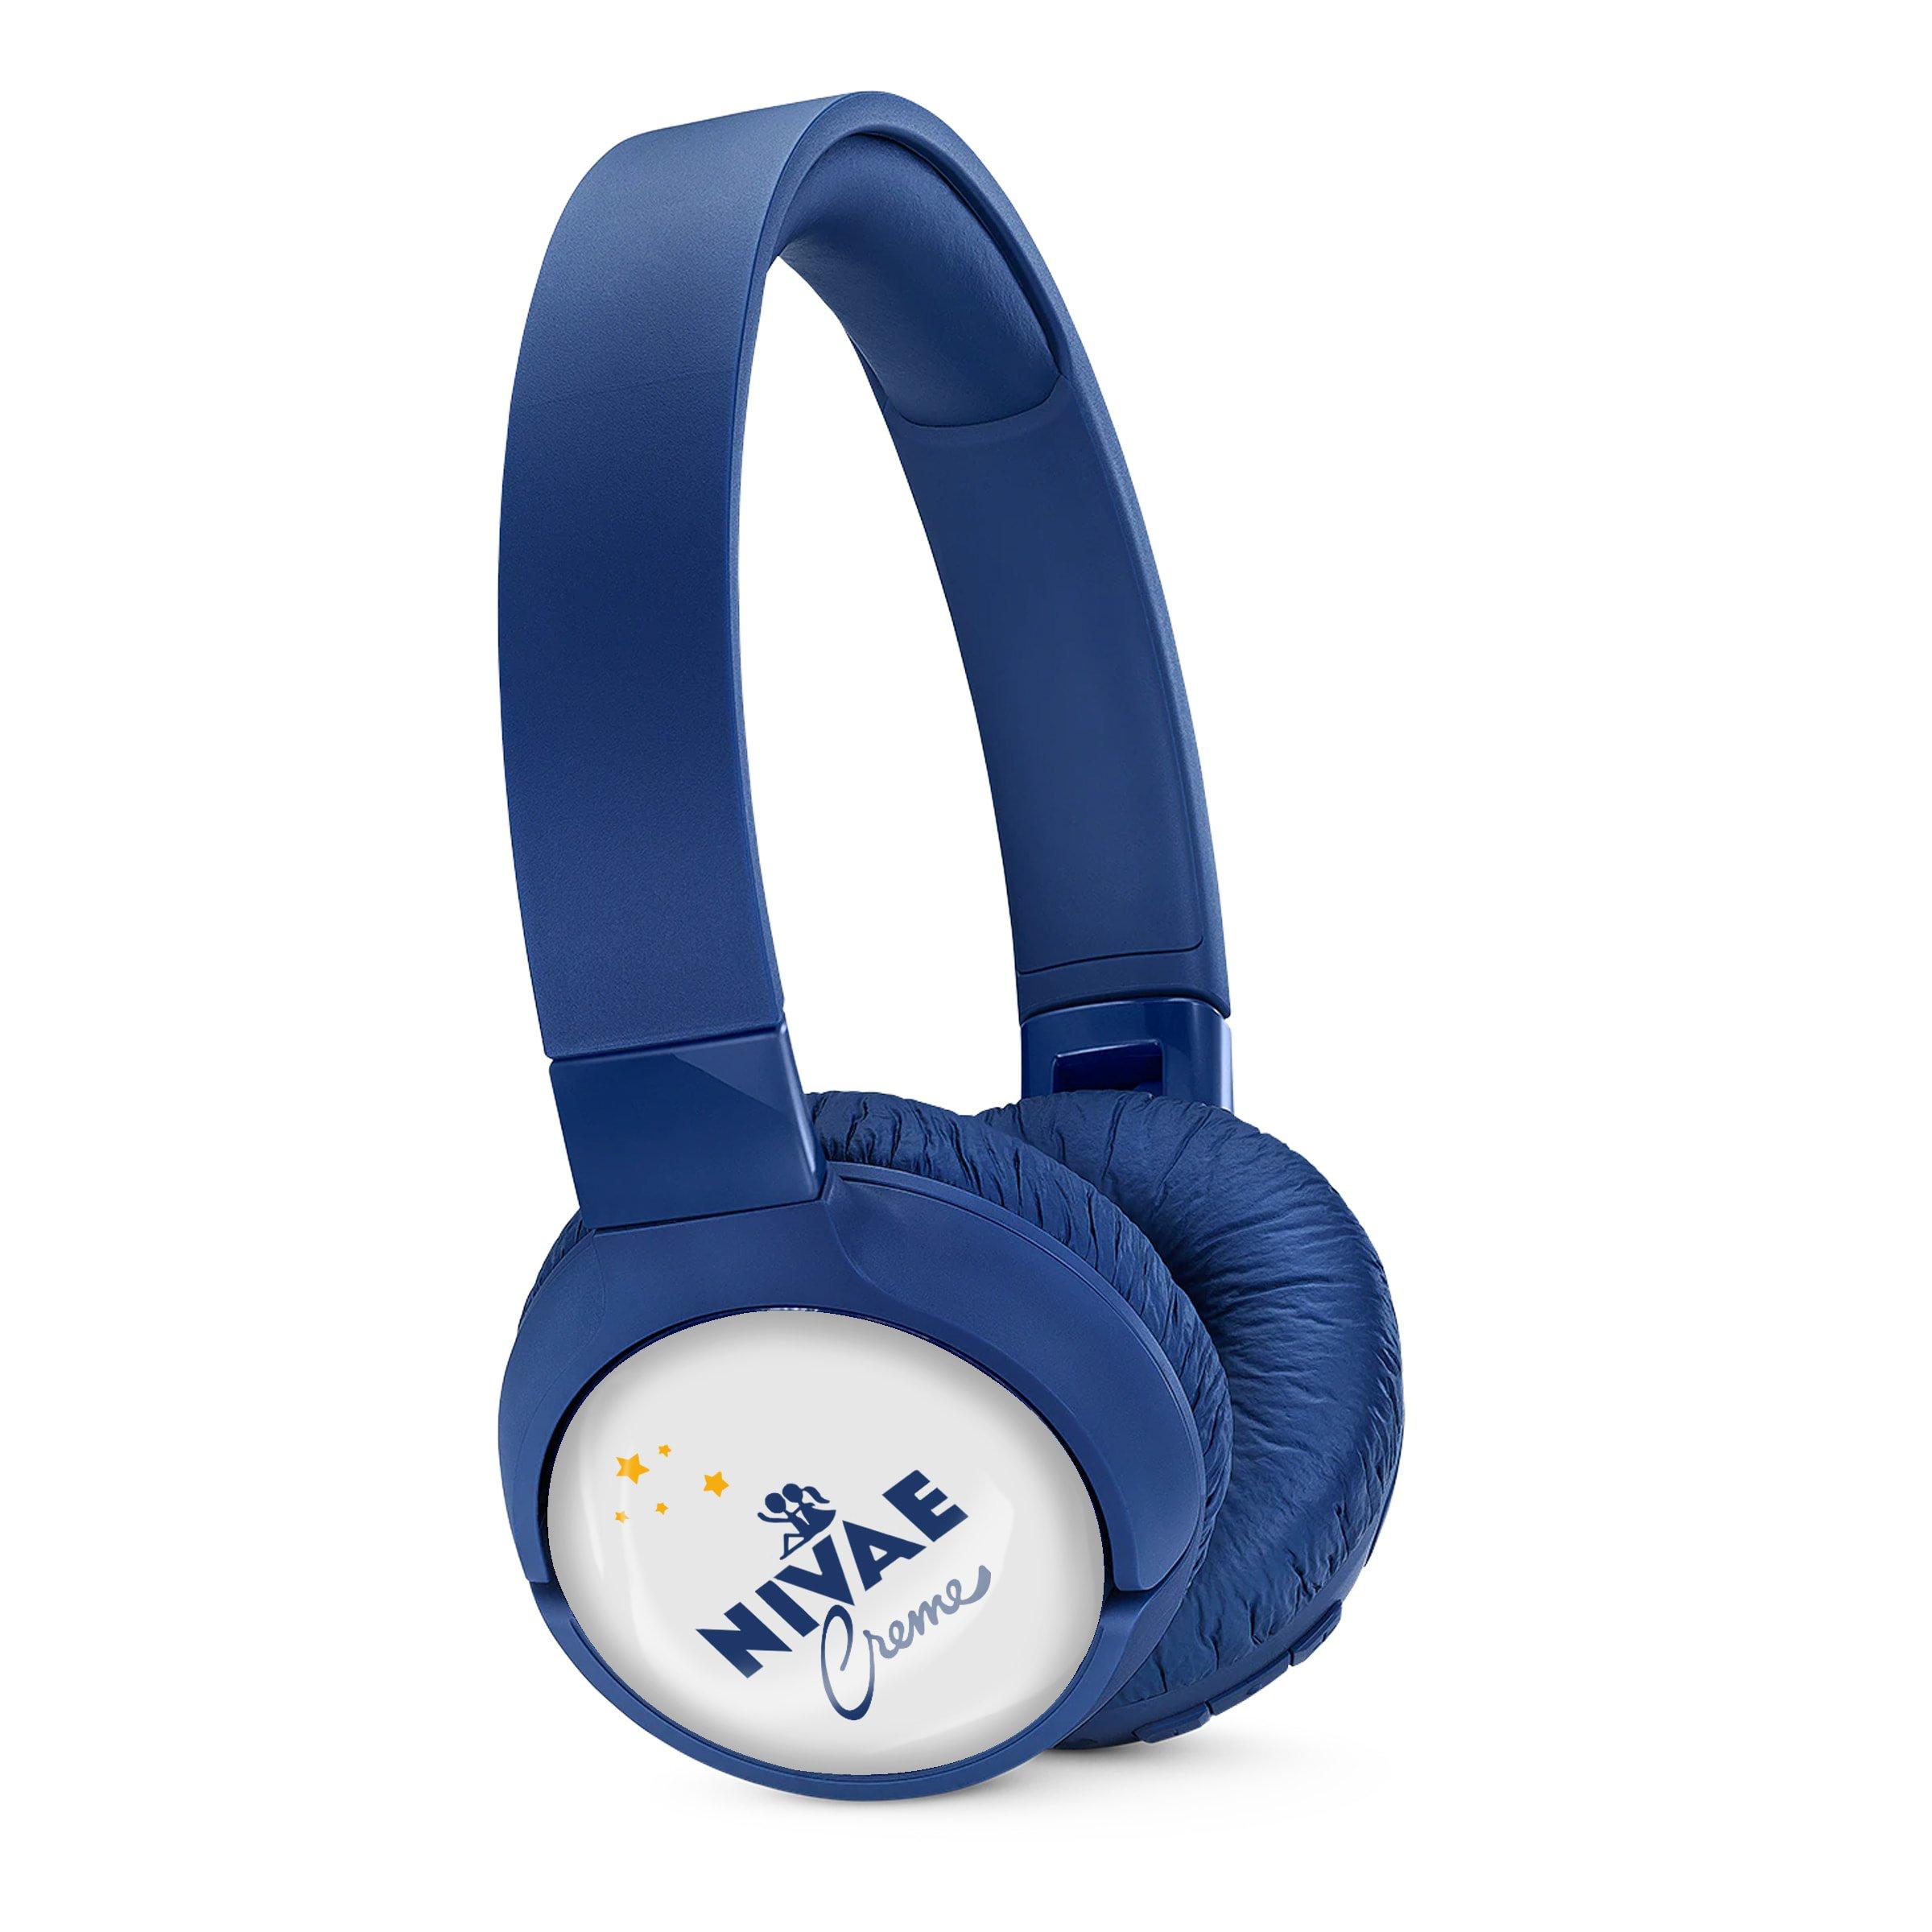 JBL On-Ear TUNE 600BTNC wireless headphone